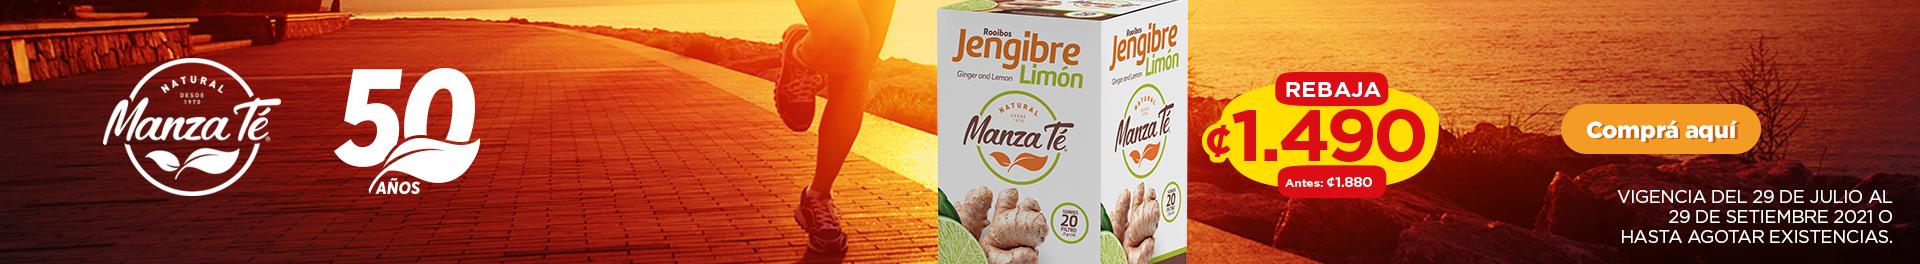 Té Jengibre- Limón